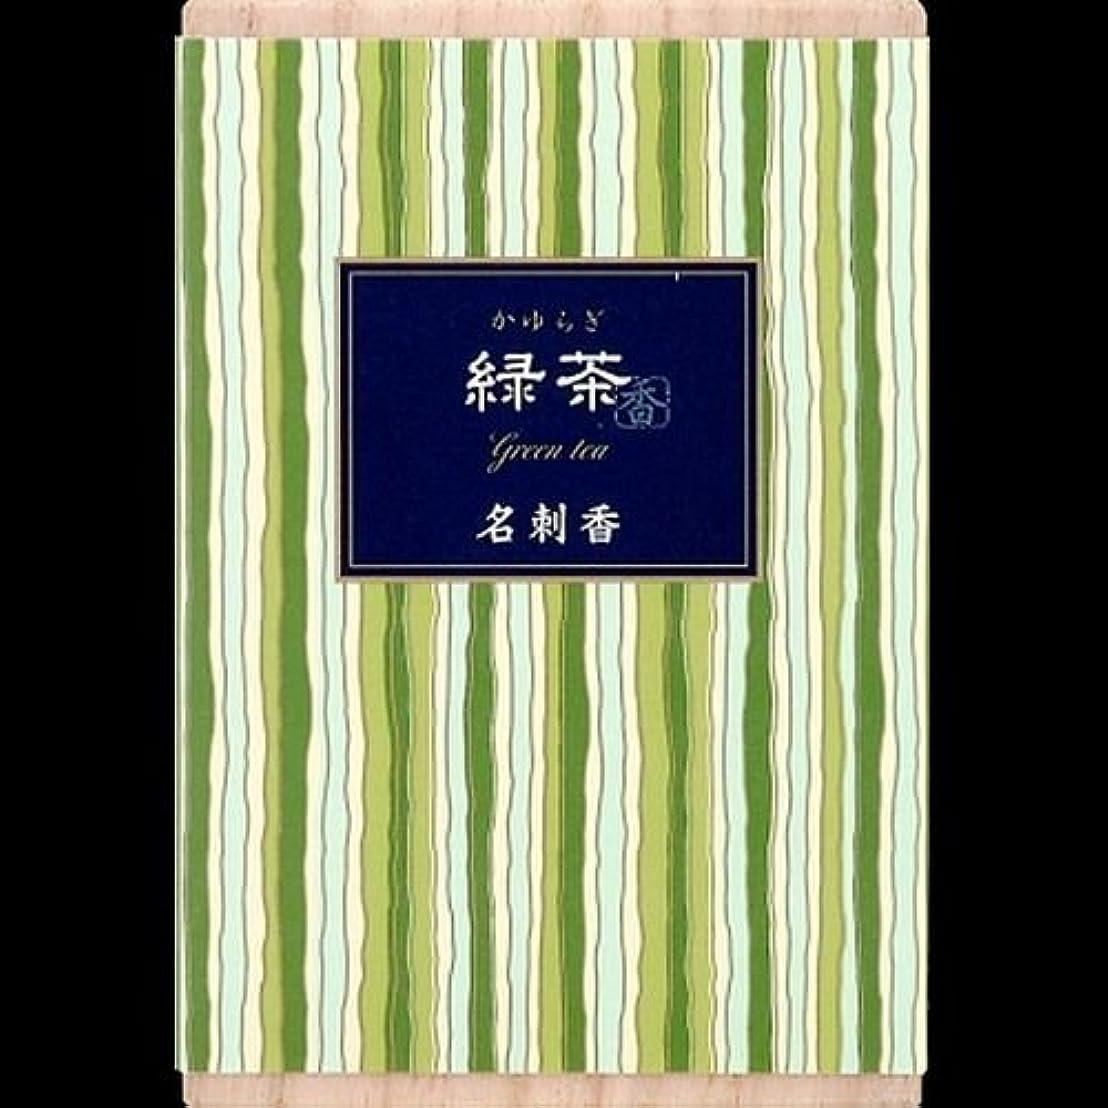 【まとめ買い】かゆらぎ 緑茶 名刺香 桐箱 6入 ×2セット